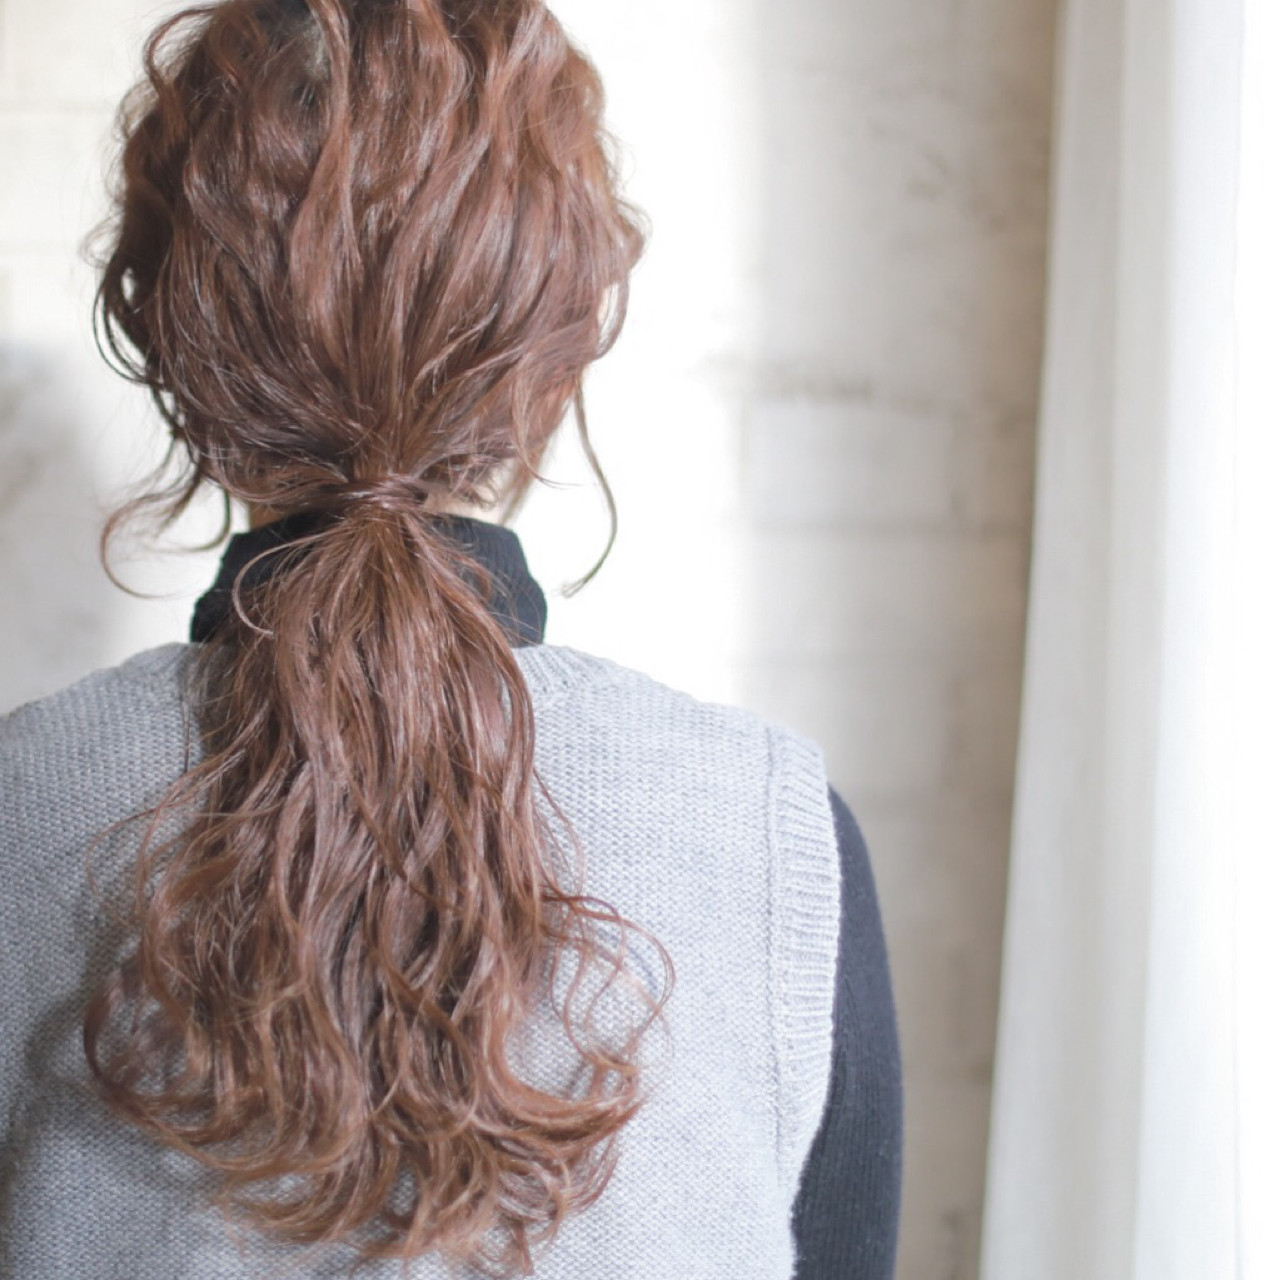 パーティ 結婚式 ショート ヘアアレンジ ヘアスタイルや髪型の写真・画像 | 廣田哲也 / nalu hair